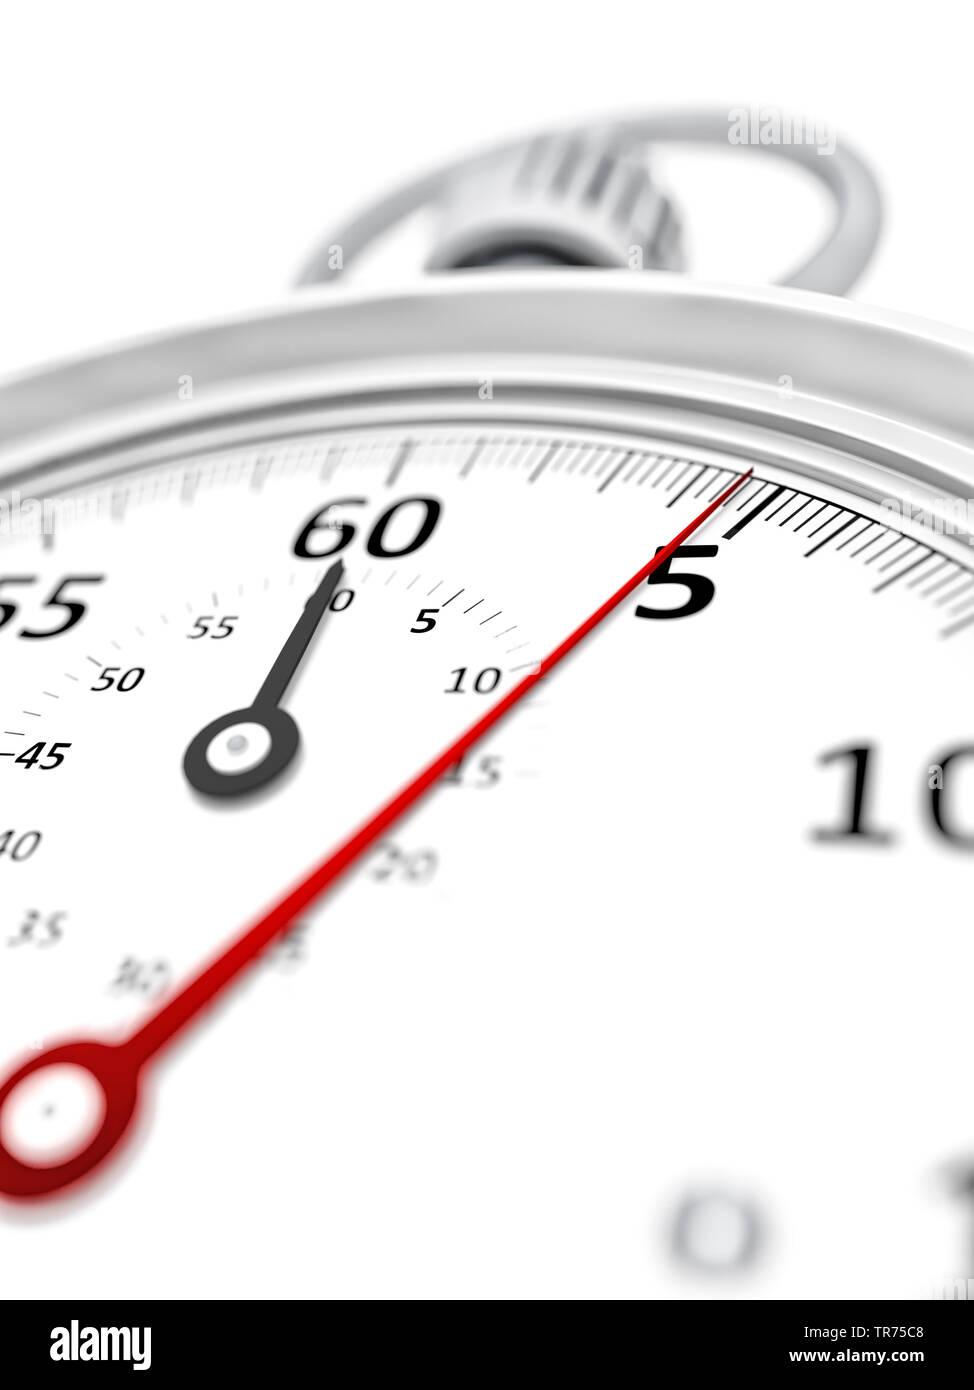 Stoppuhr vor weissem Hintergrund, die etwa 5 Sekunden anzeigt | stopclock, cutout, 5 seconds  | BLWS498284.jpg [ (c) blickwinkel/McPHOTO/M. Gann Tel. - Stock Image